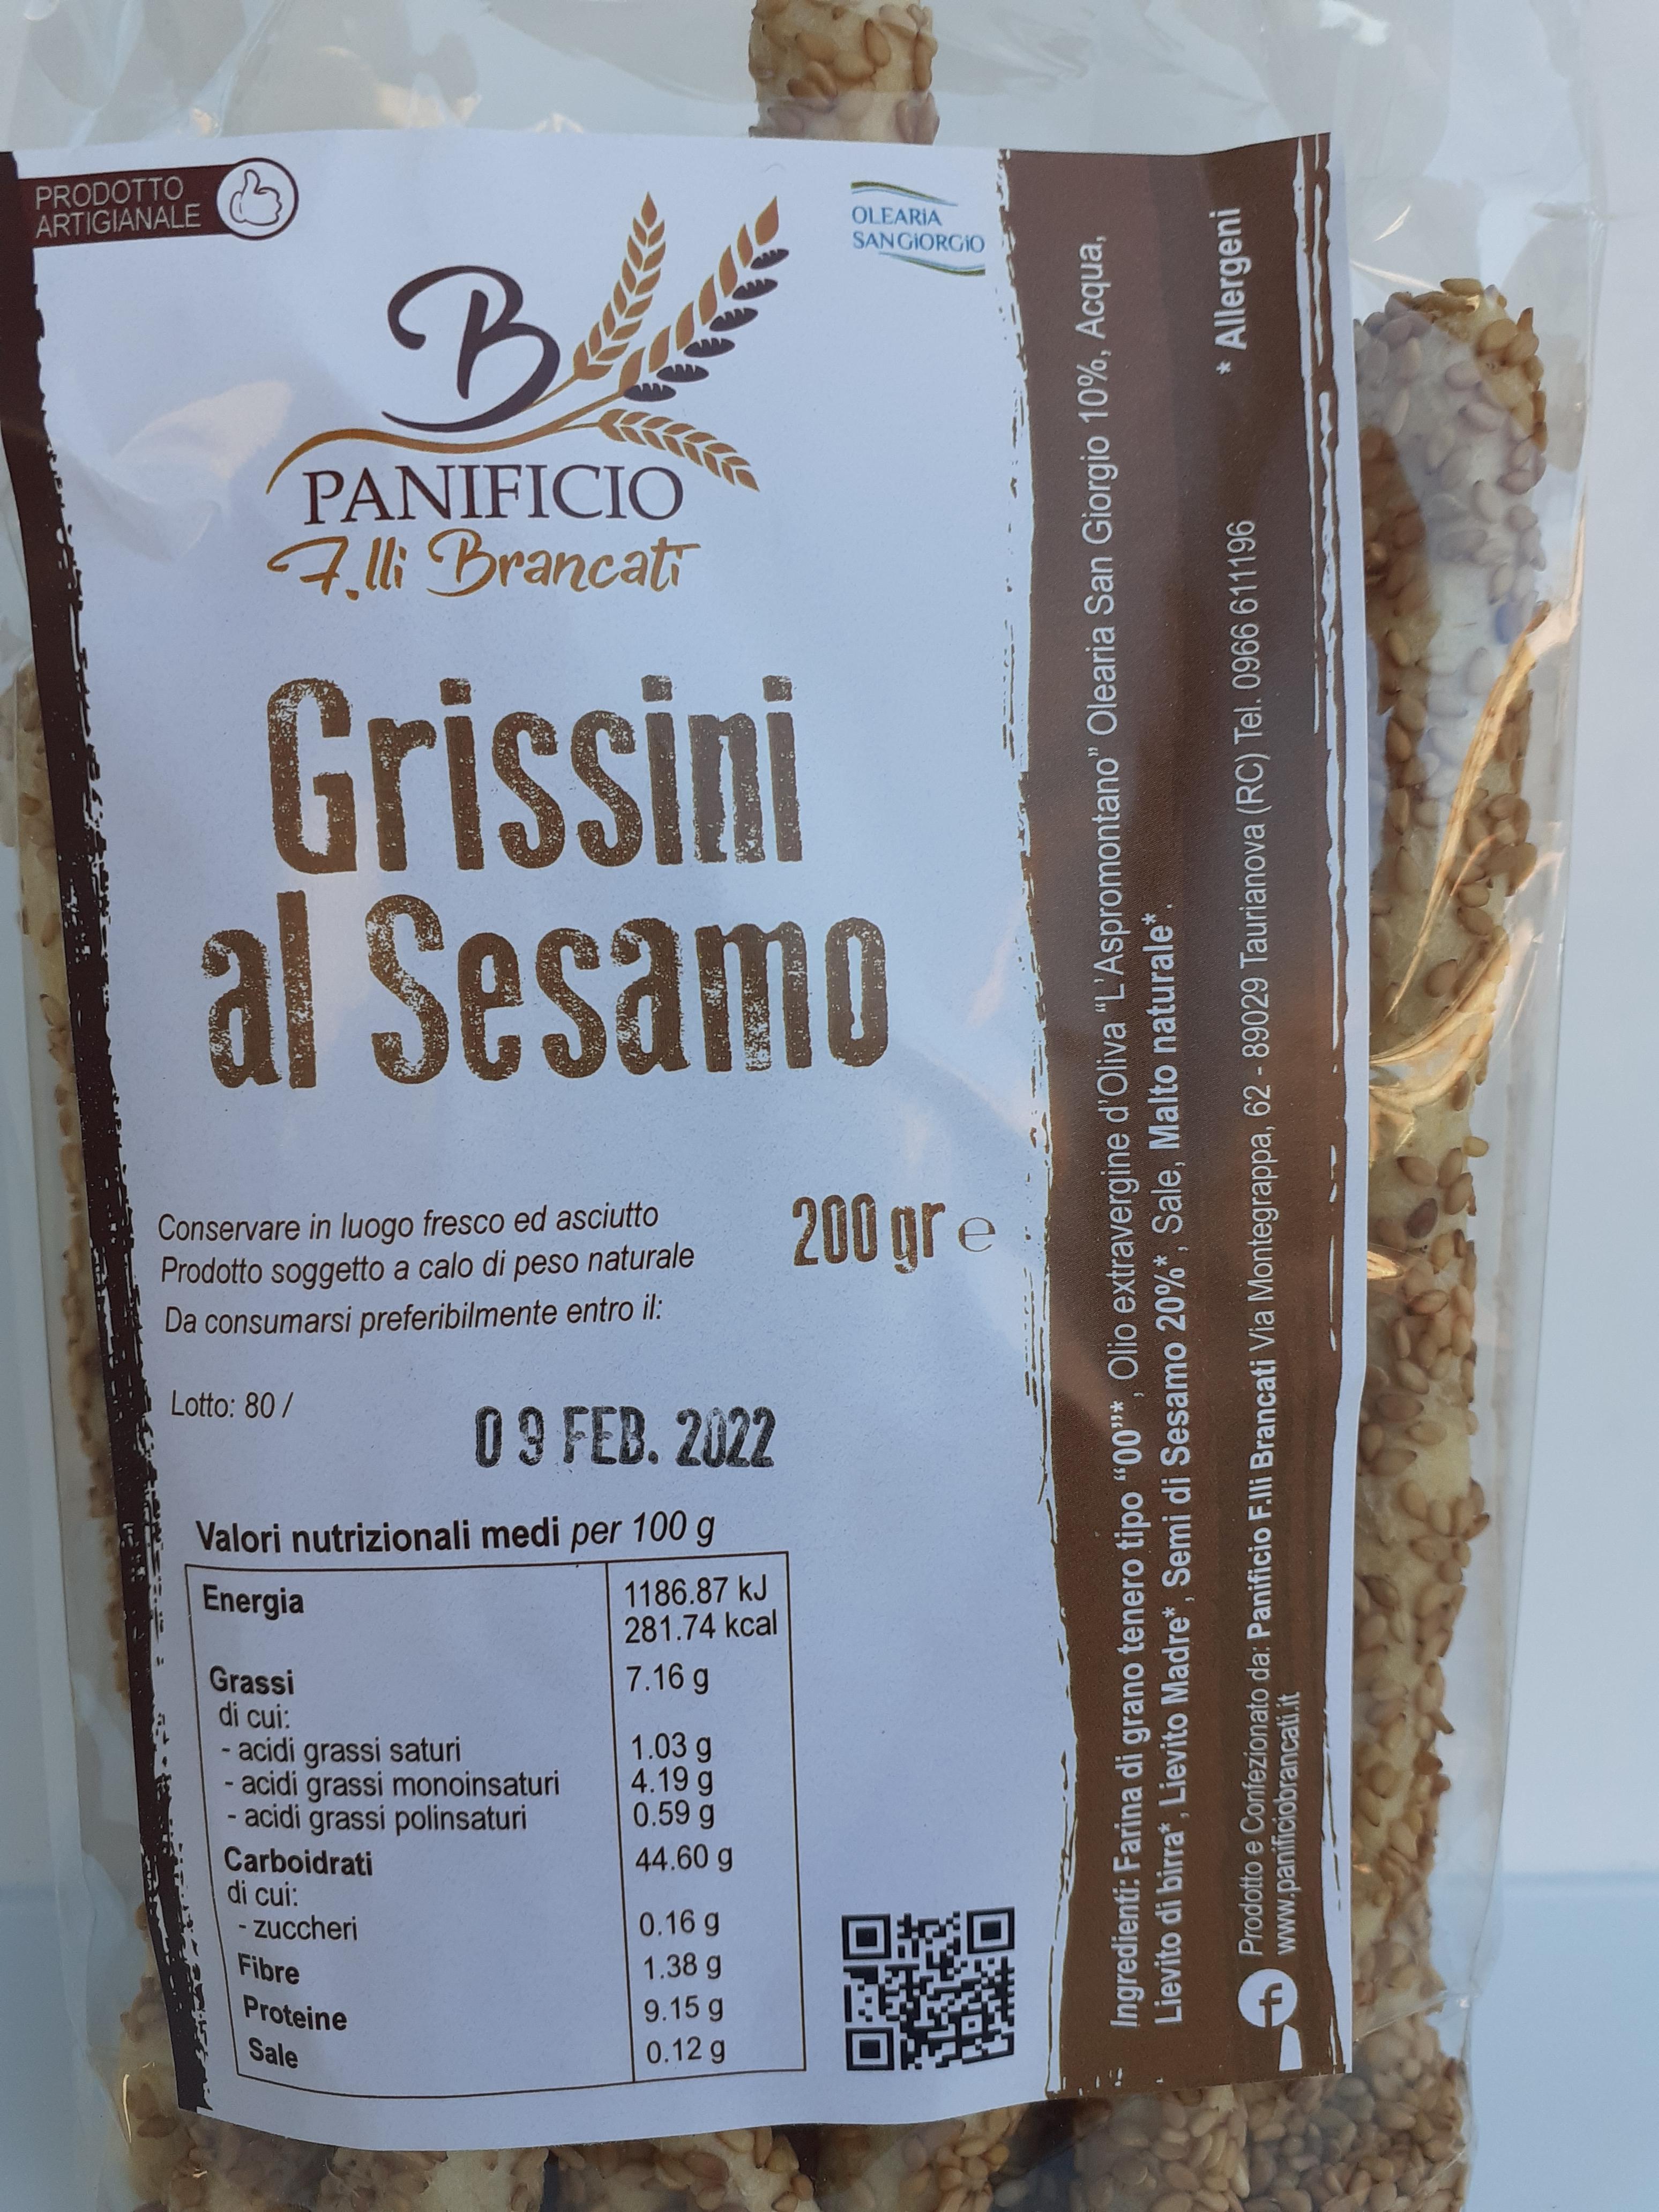 Grissini al Sesamo 200g. Panificio F.lli Brancati Taurianova (RC)